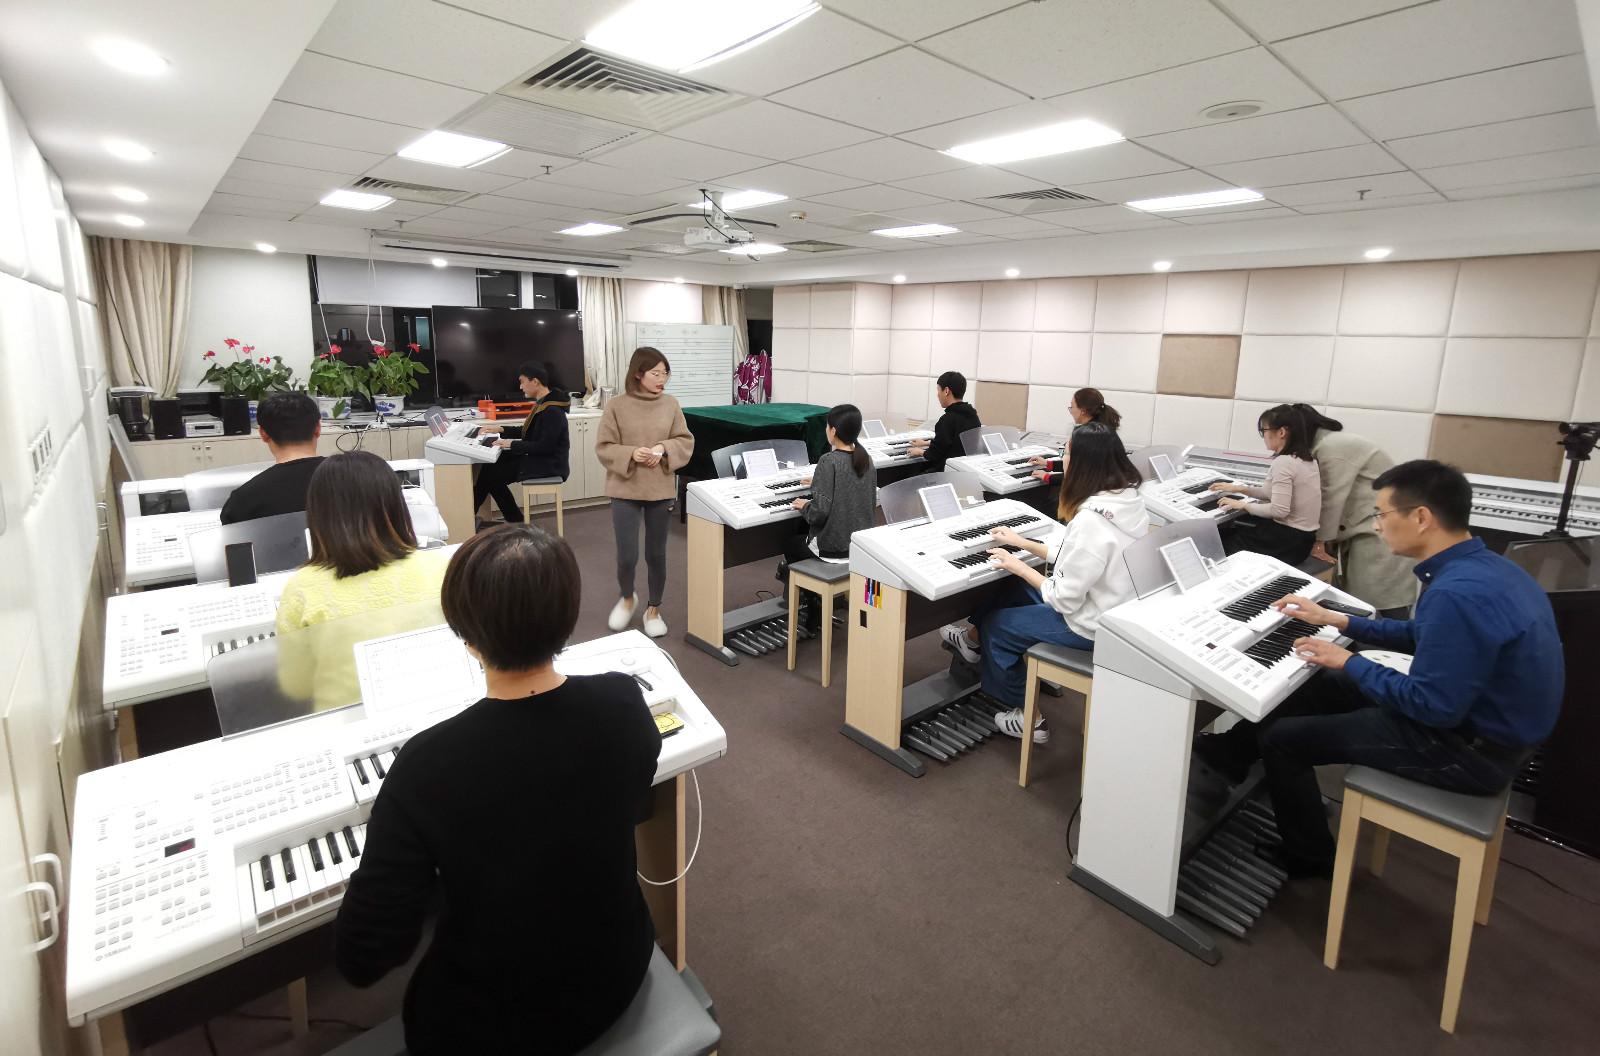 疫情当下,2021届音乐专业毕业生就业之路在哪里?